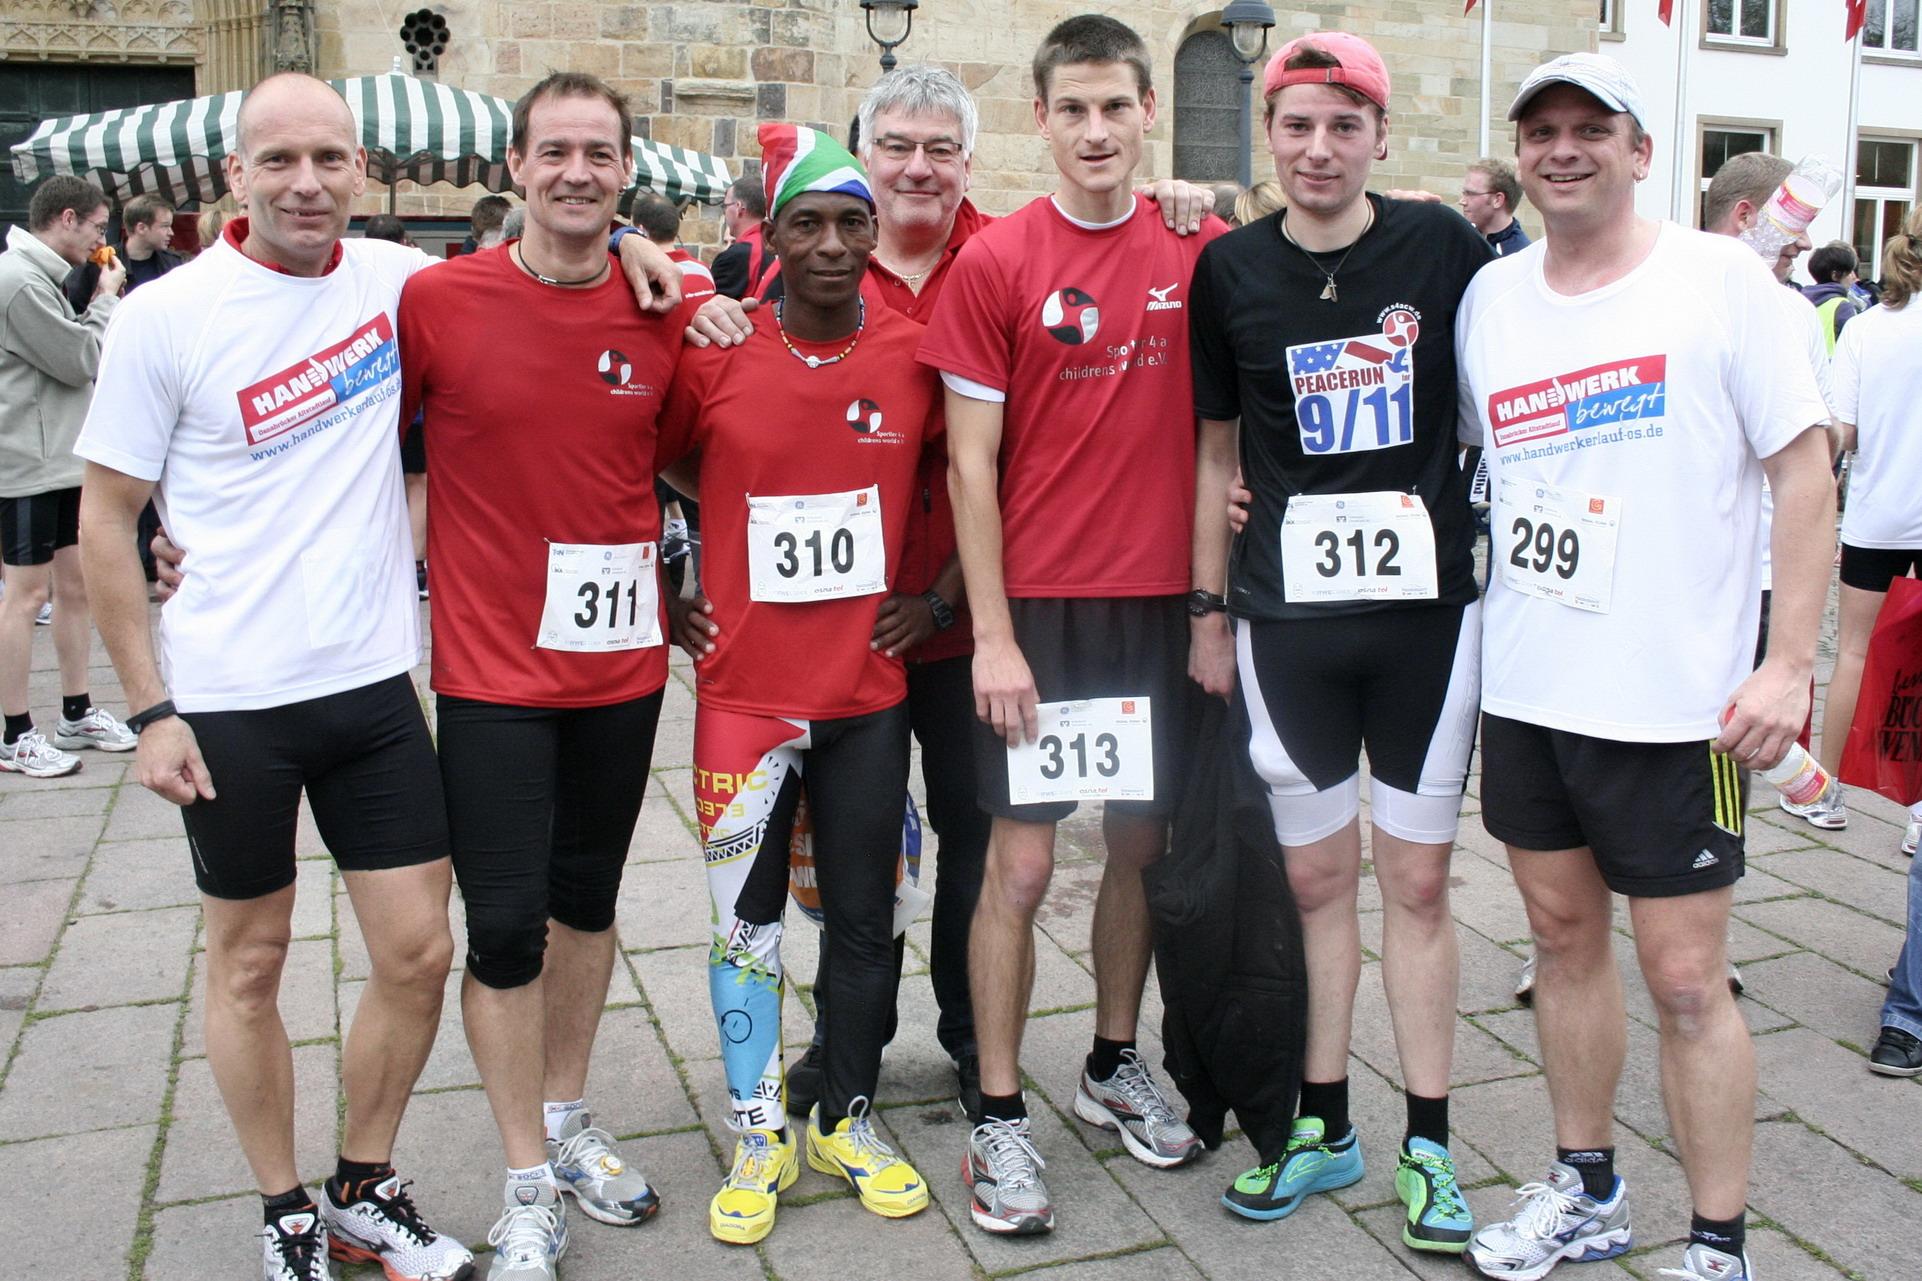 2011-09-17-handwerkerlauf-s4acw-team_bildgroesse_aendern